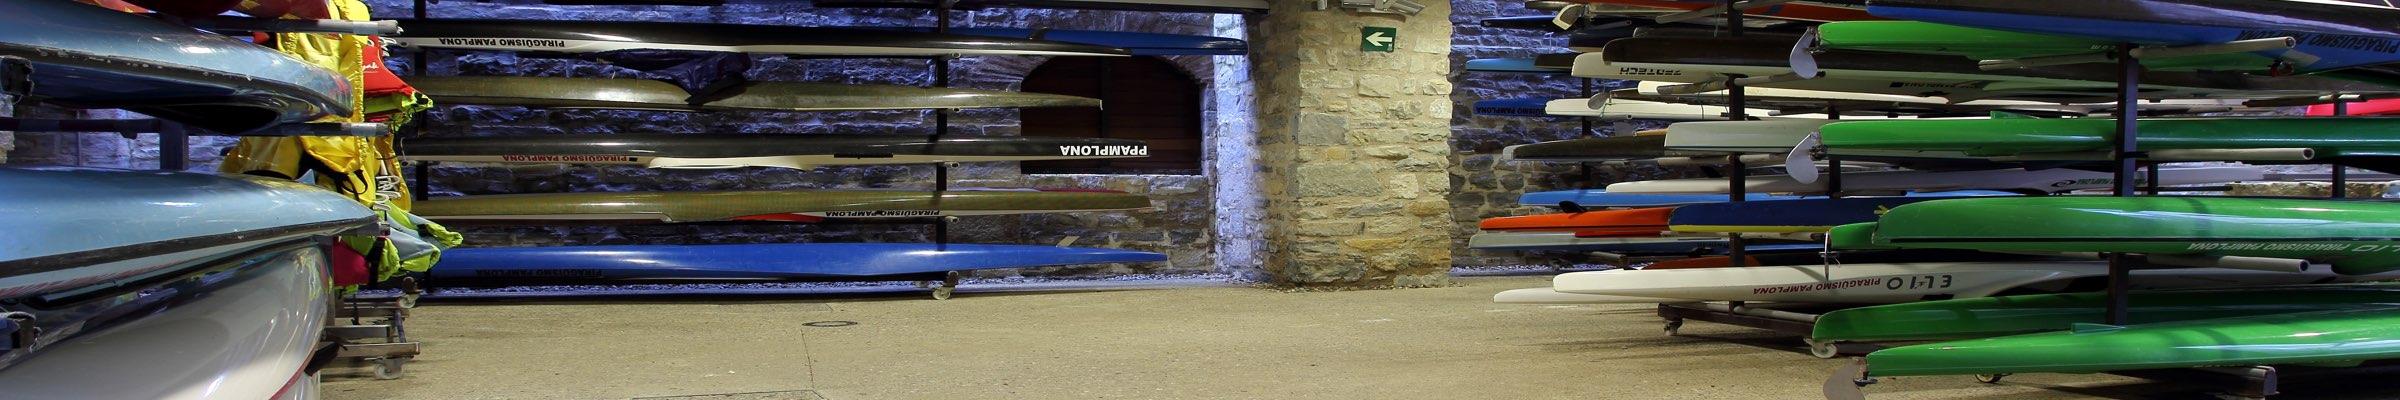 Instalaciones Piragüismo Pamplona